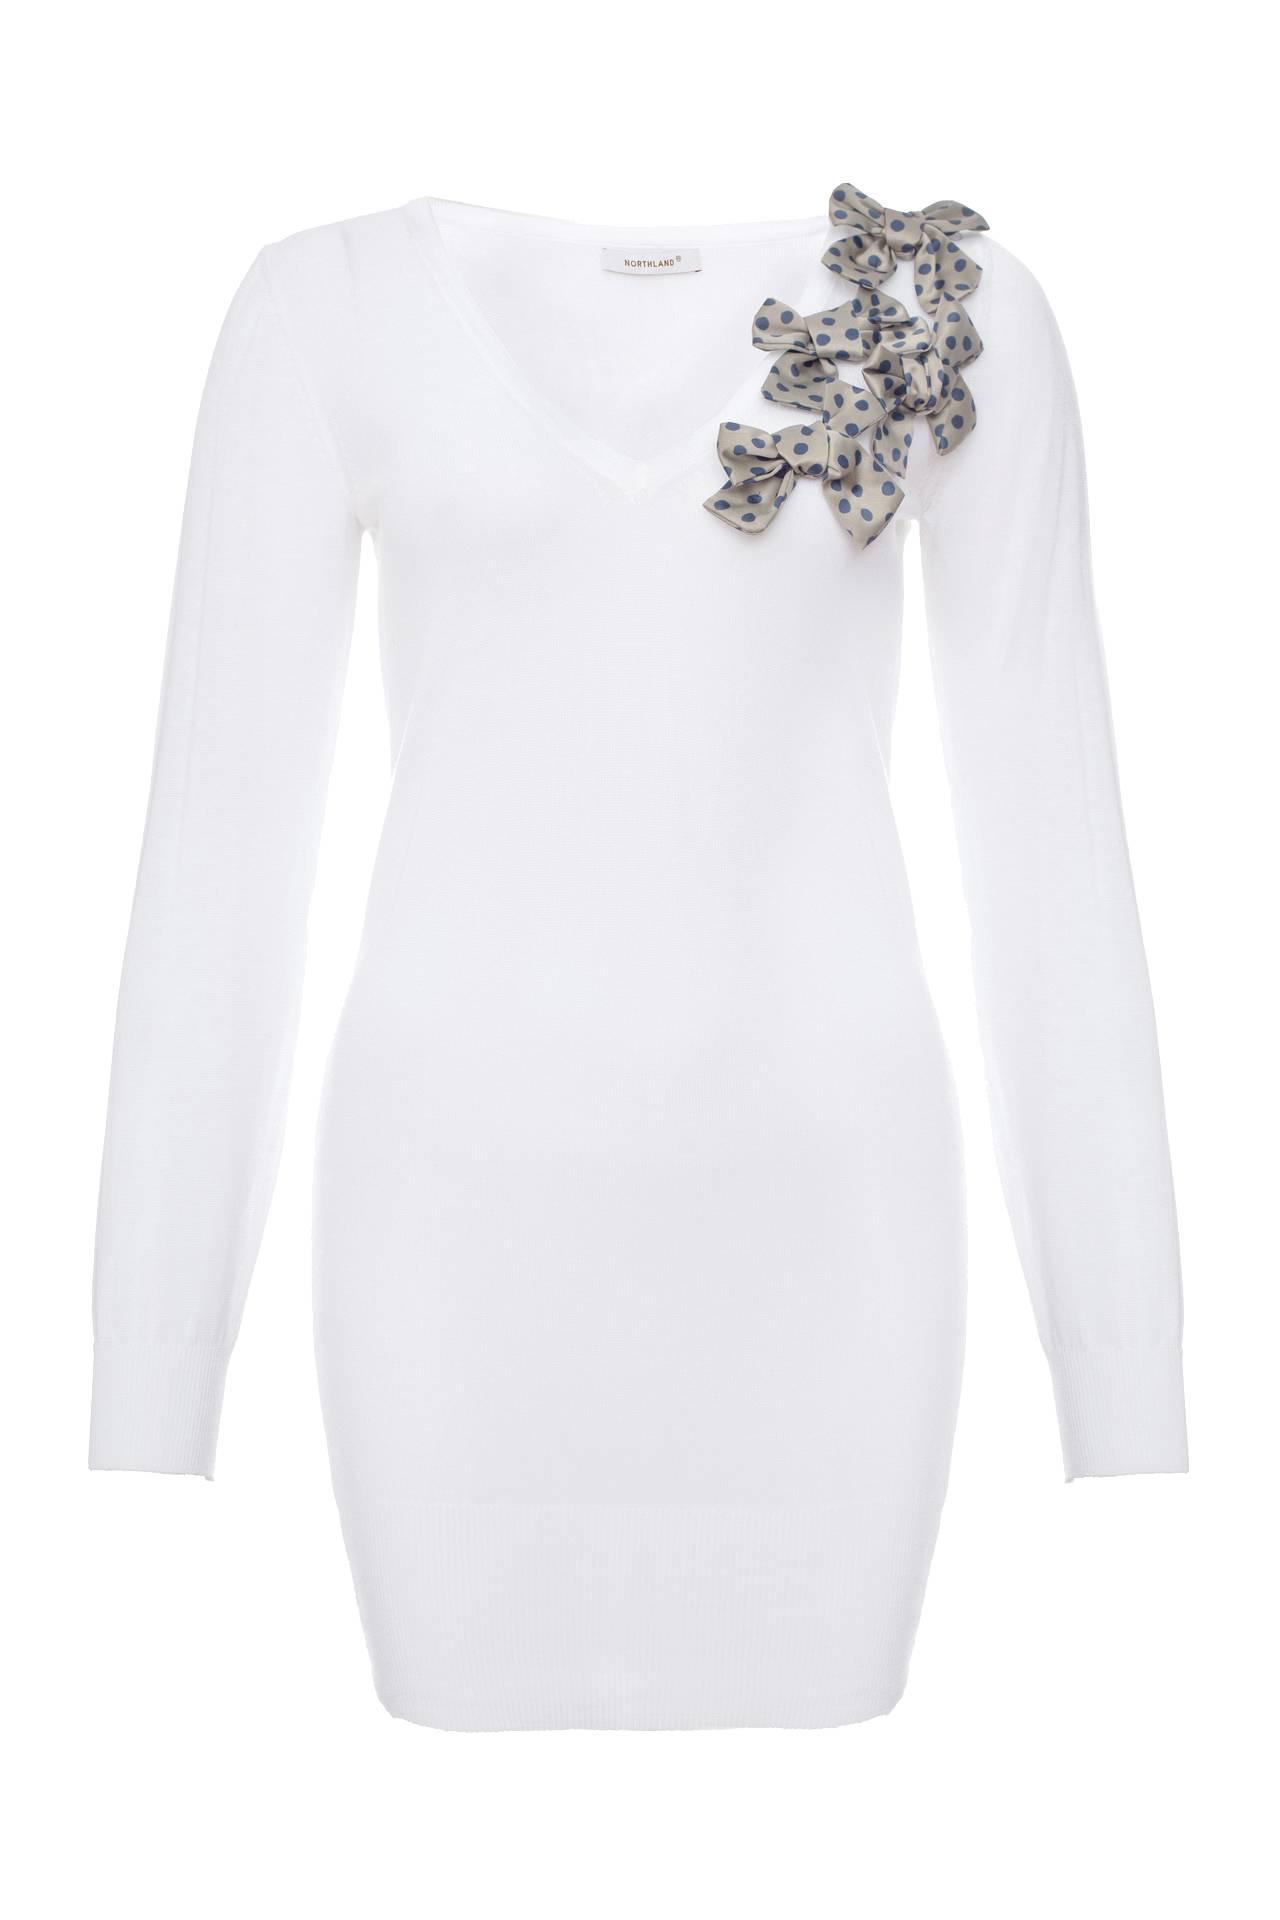 8f63112732d8 Модная женская одежда популярных брендов 2019 - TriatlonInfo